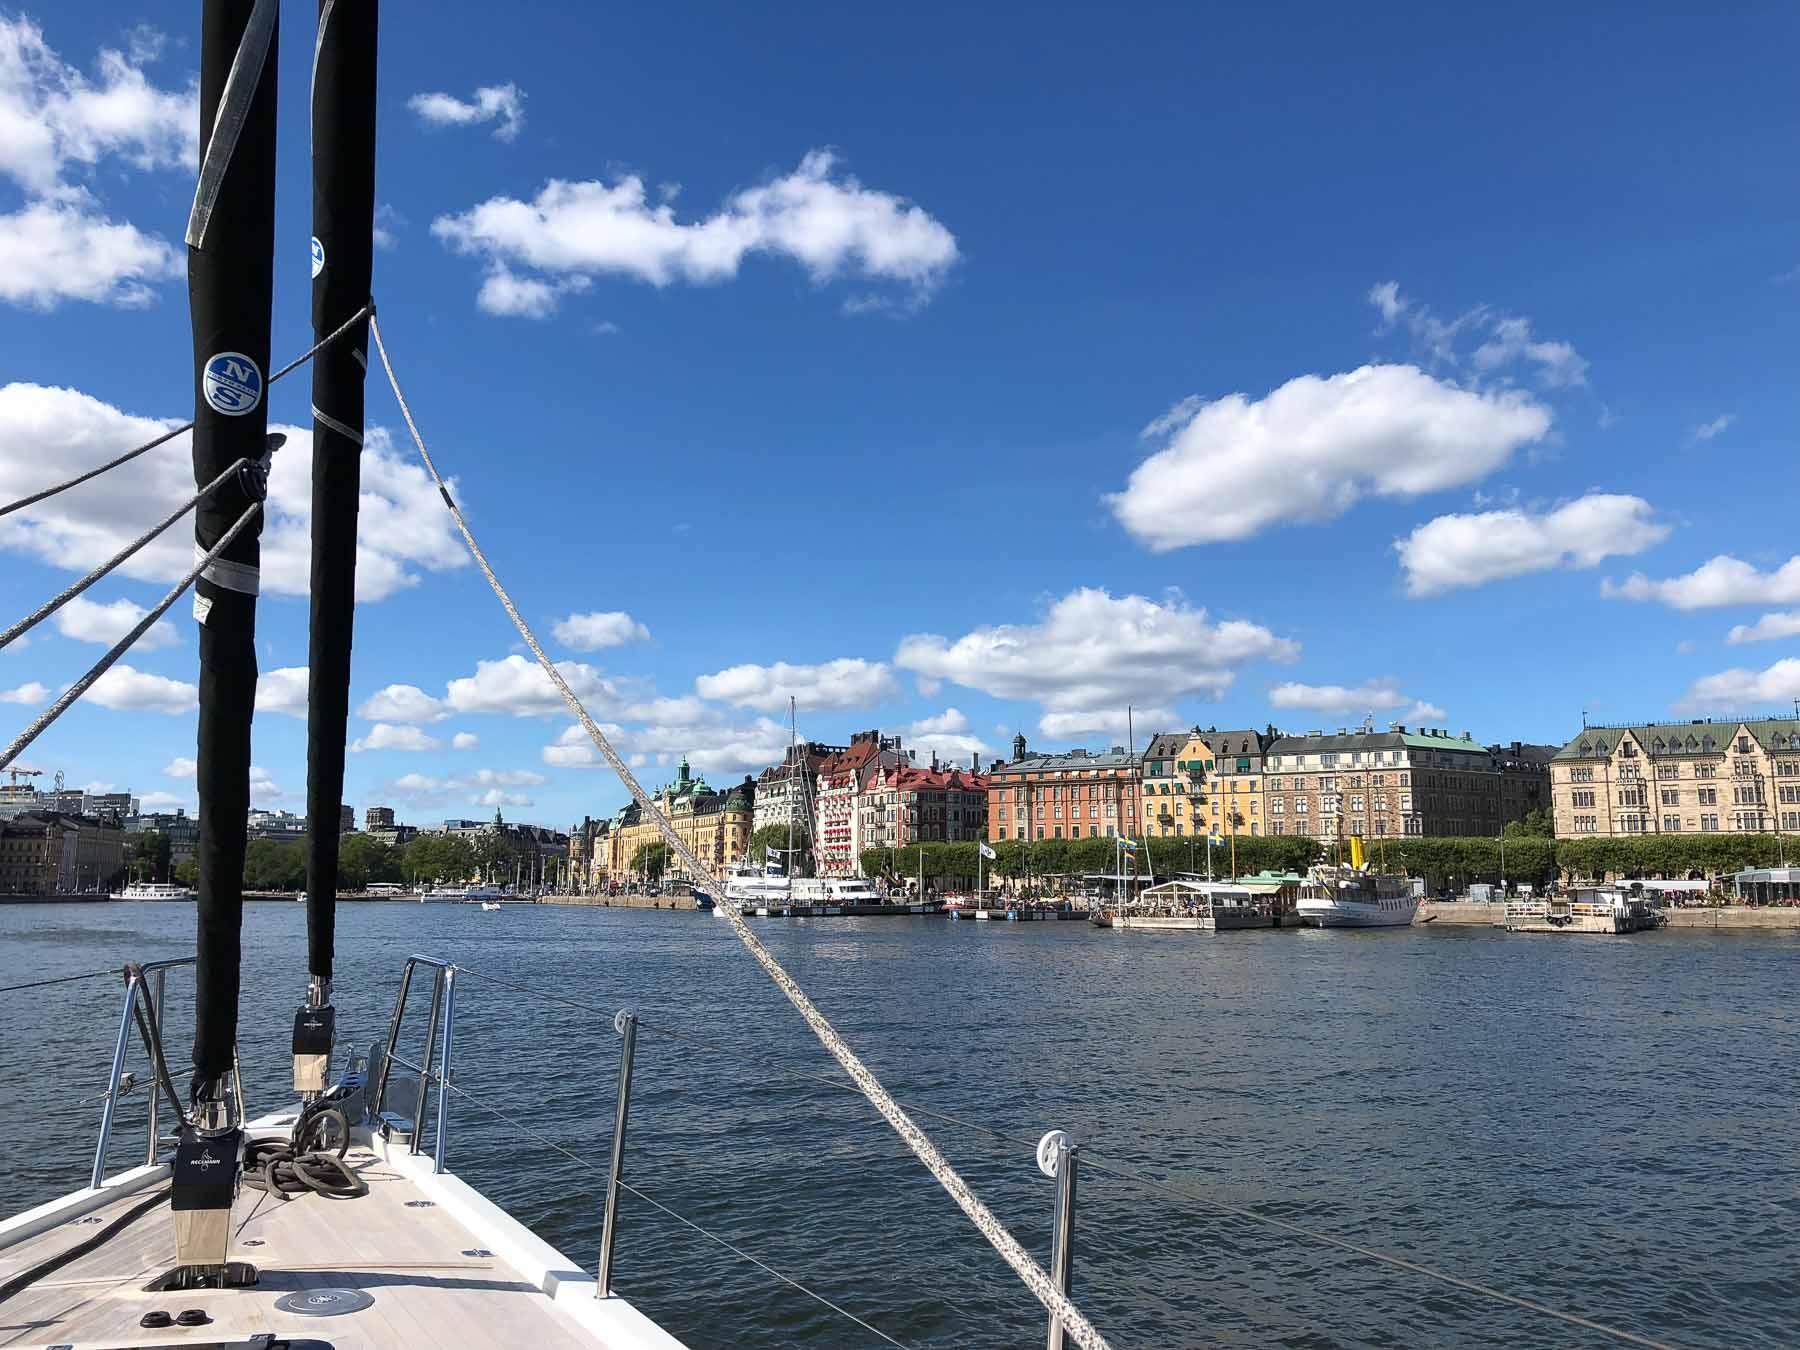 Die Einfahrt in den Stadthafen von Stockholm ist jedes Mal fantastisch